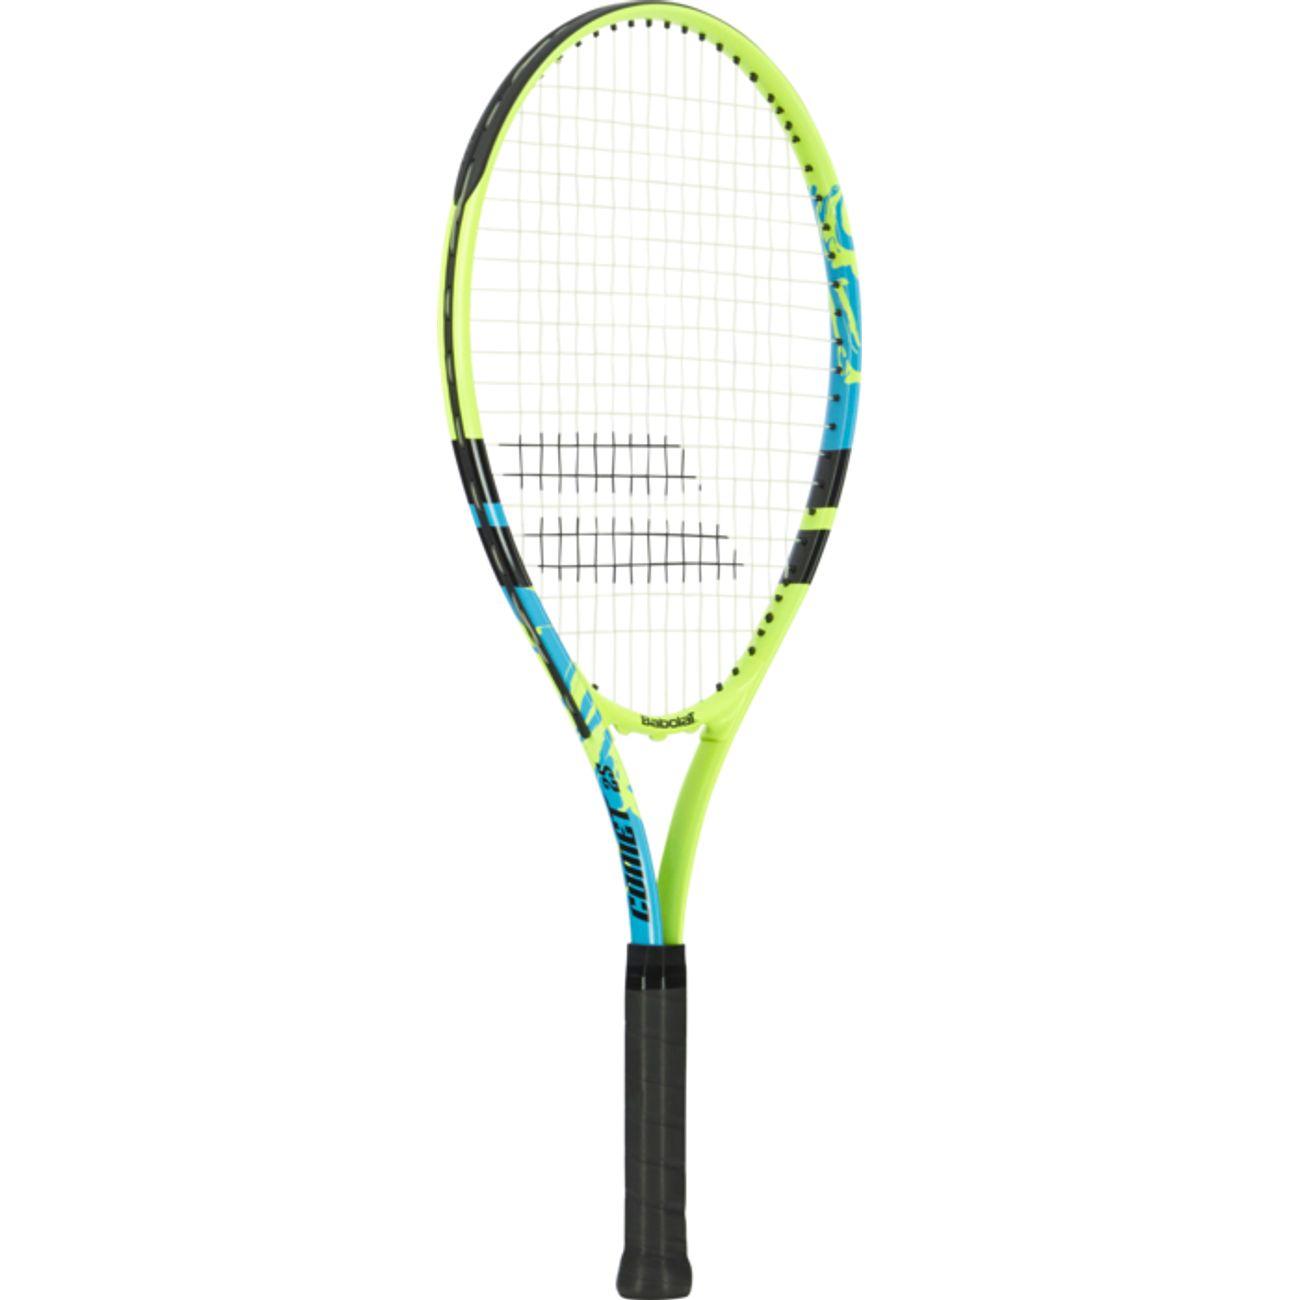 RAQUETTE Tennis enfant BABOLAT COMET 25